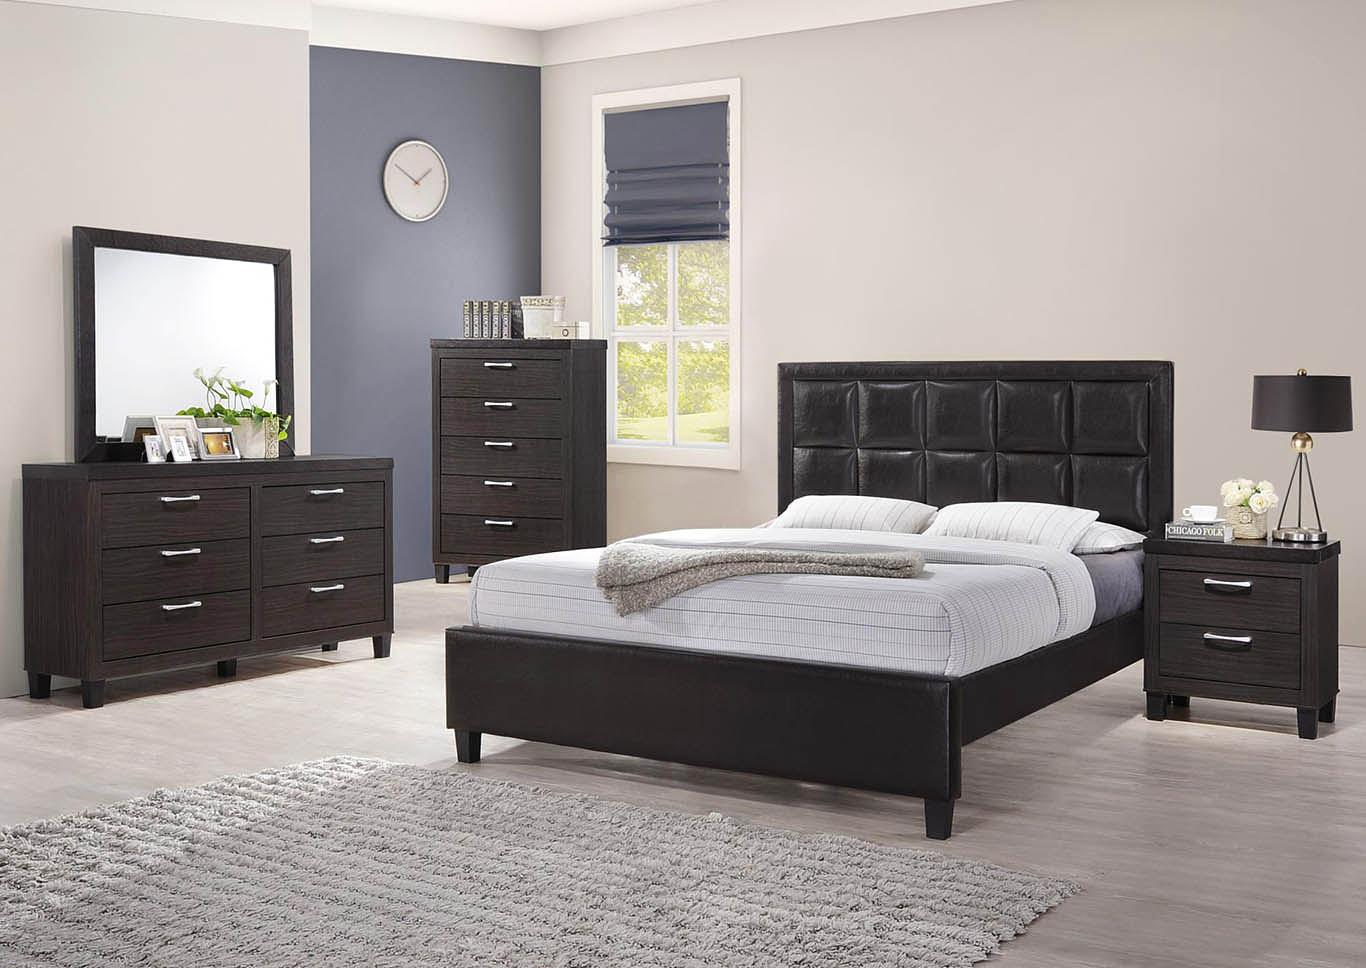 Superieur 3 Piece Queen Bedroom Set,Global Trading